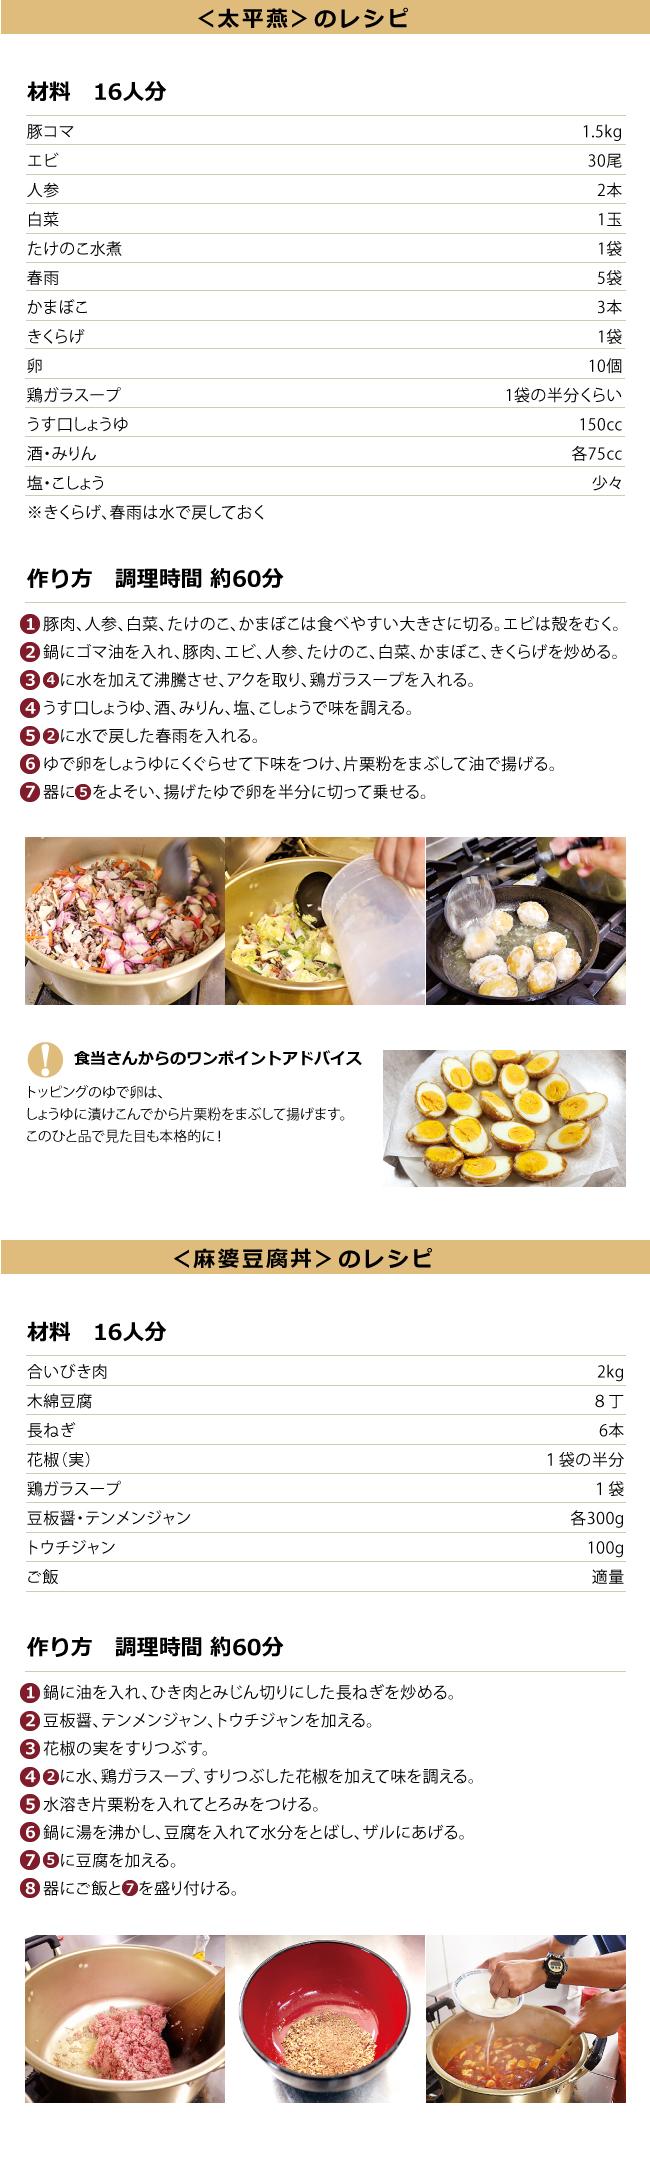 太平燕のレシピ